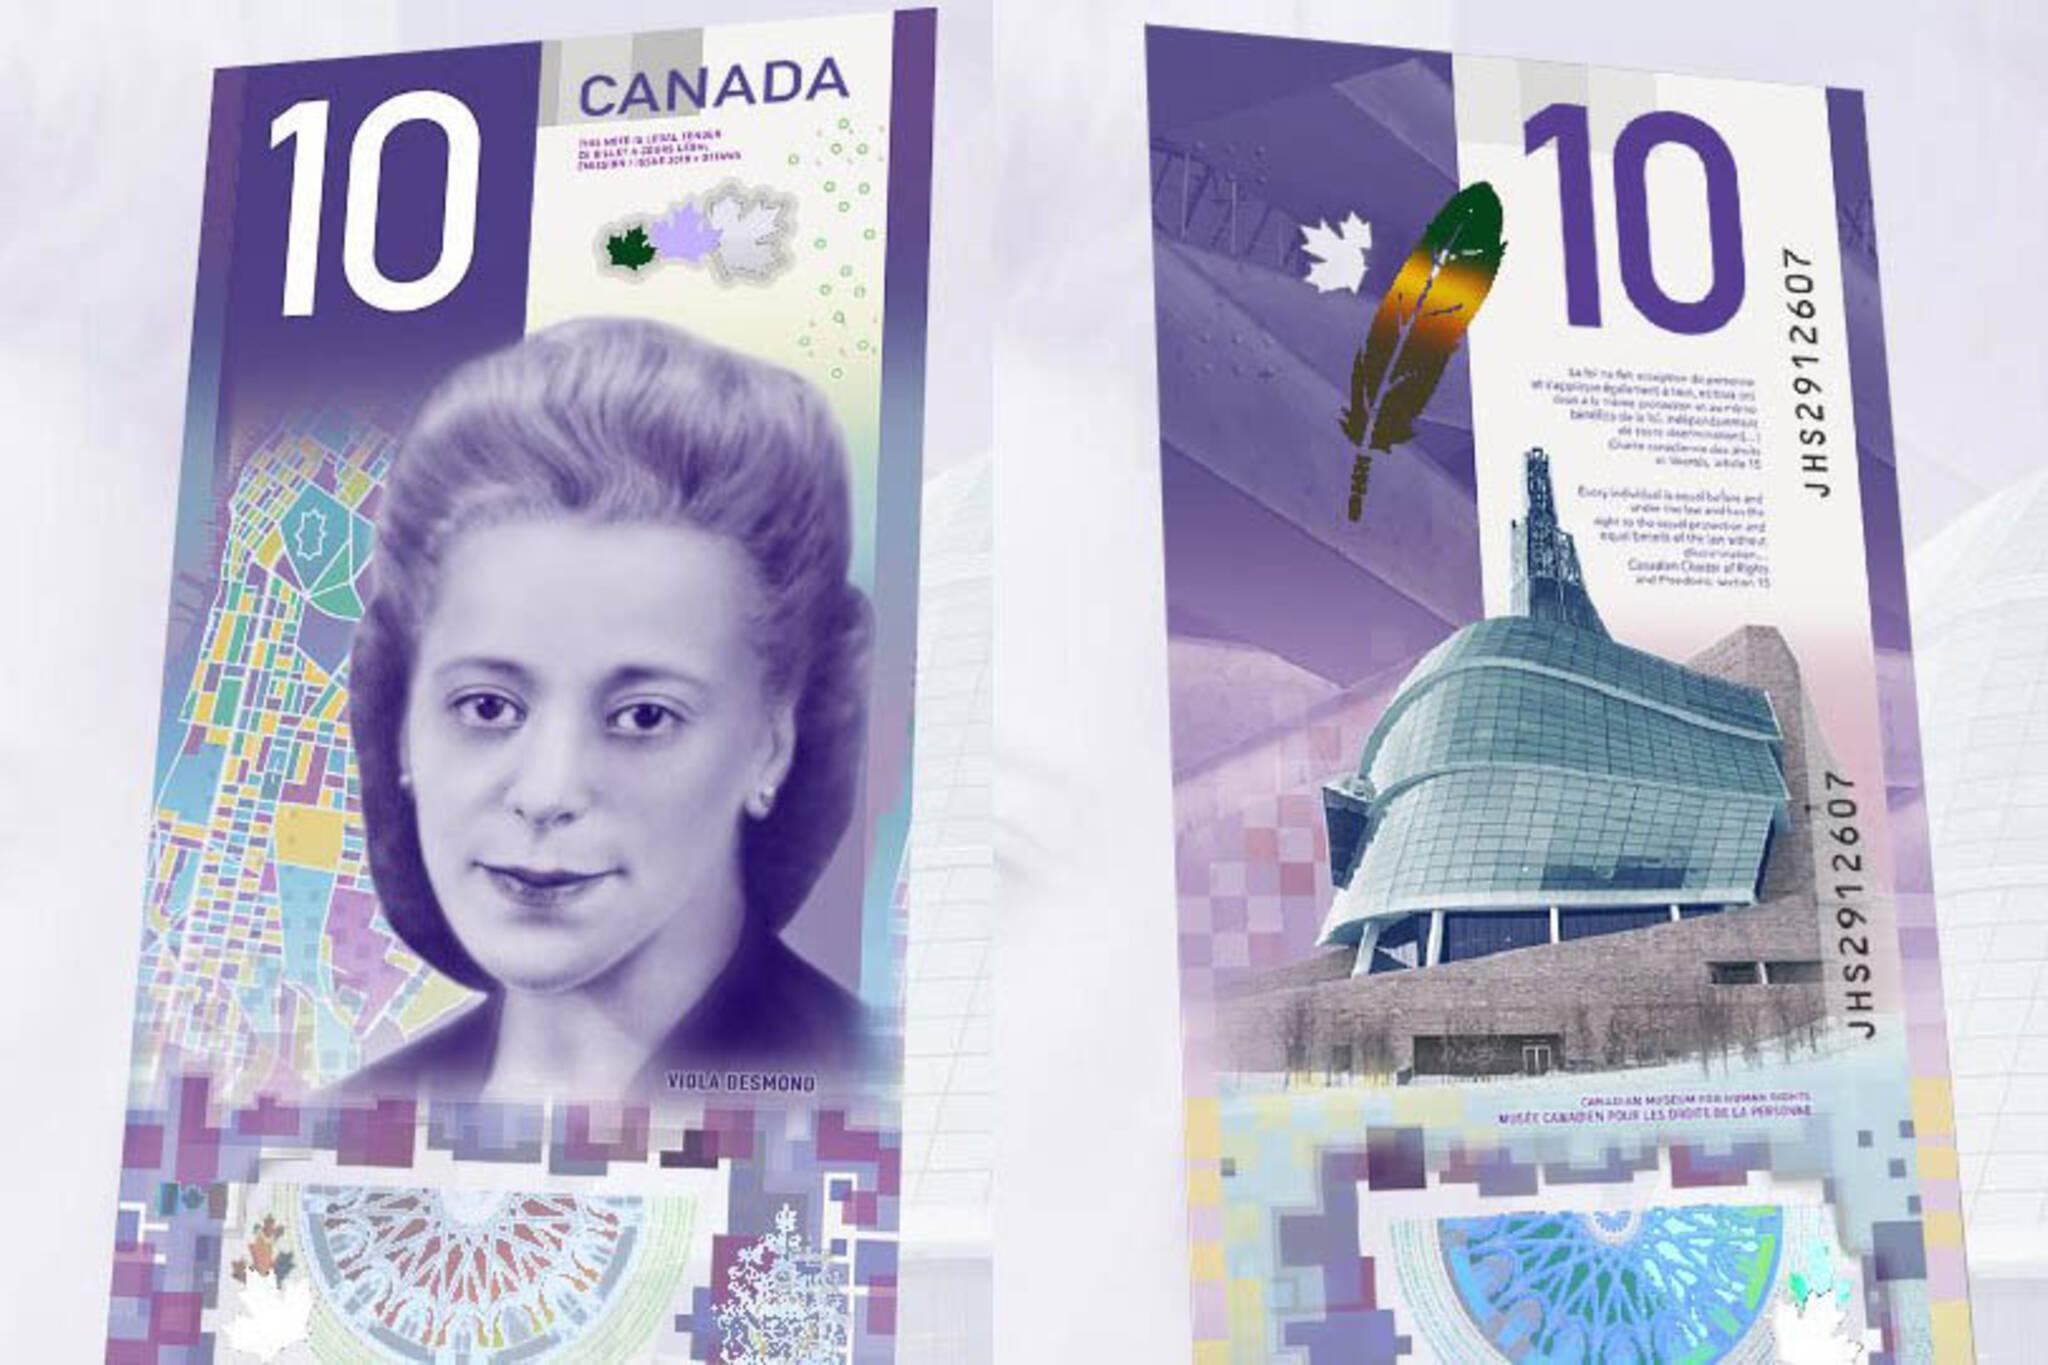 canada $10 bill